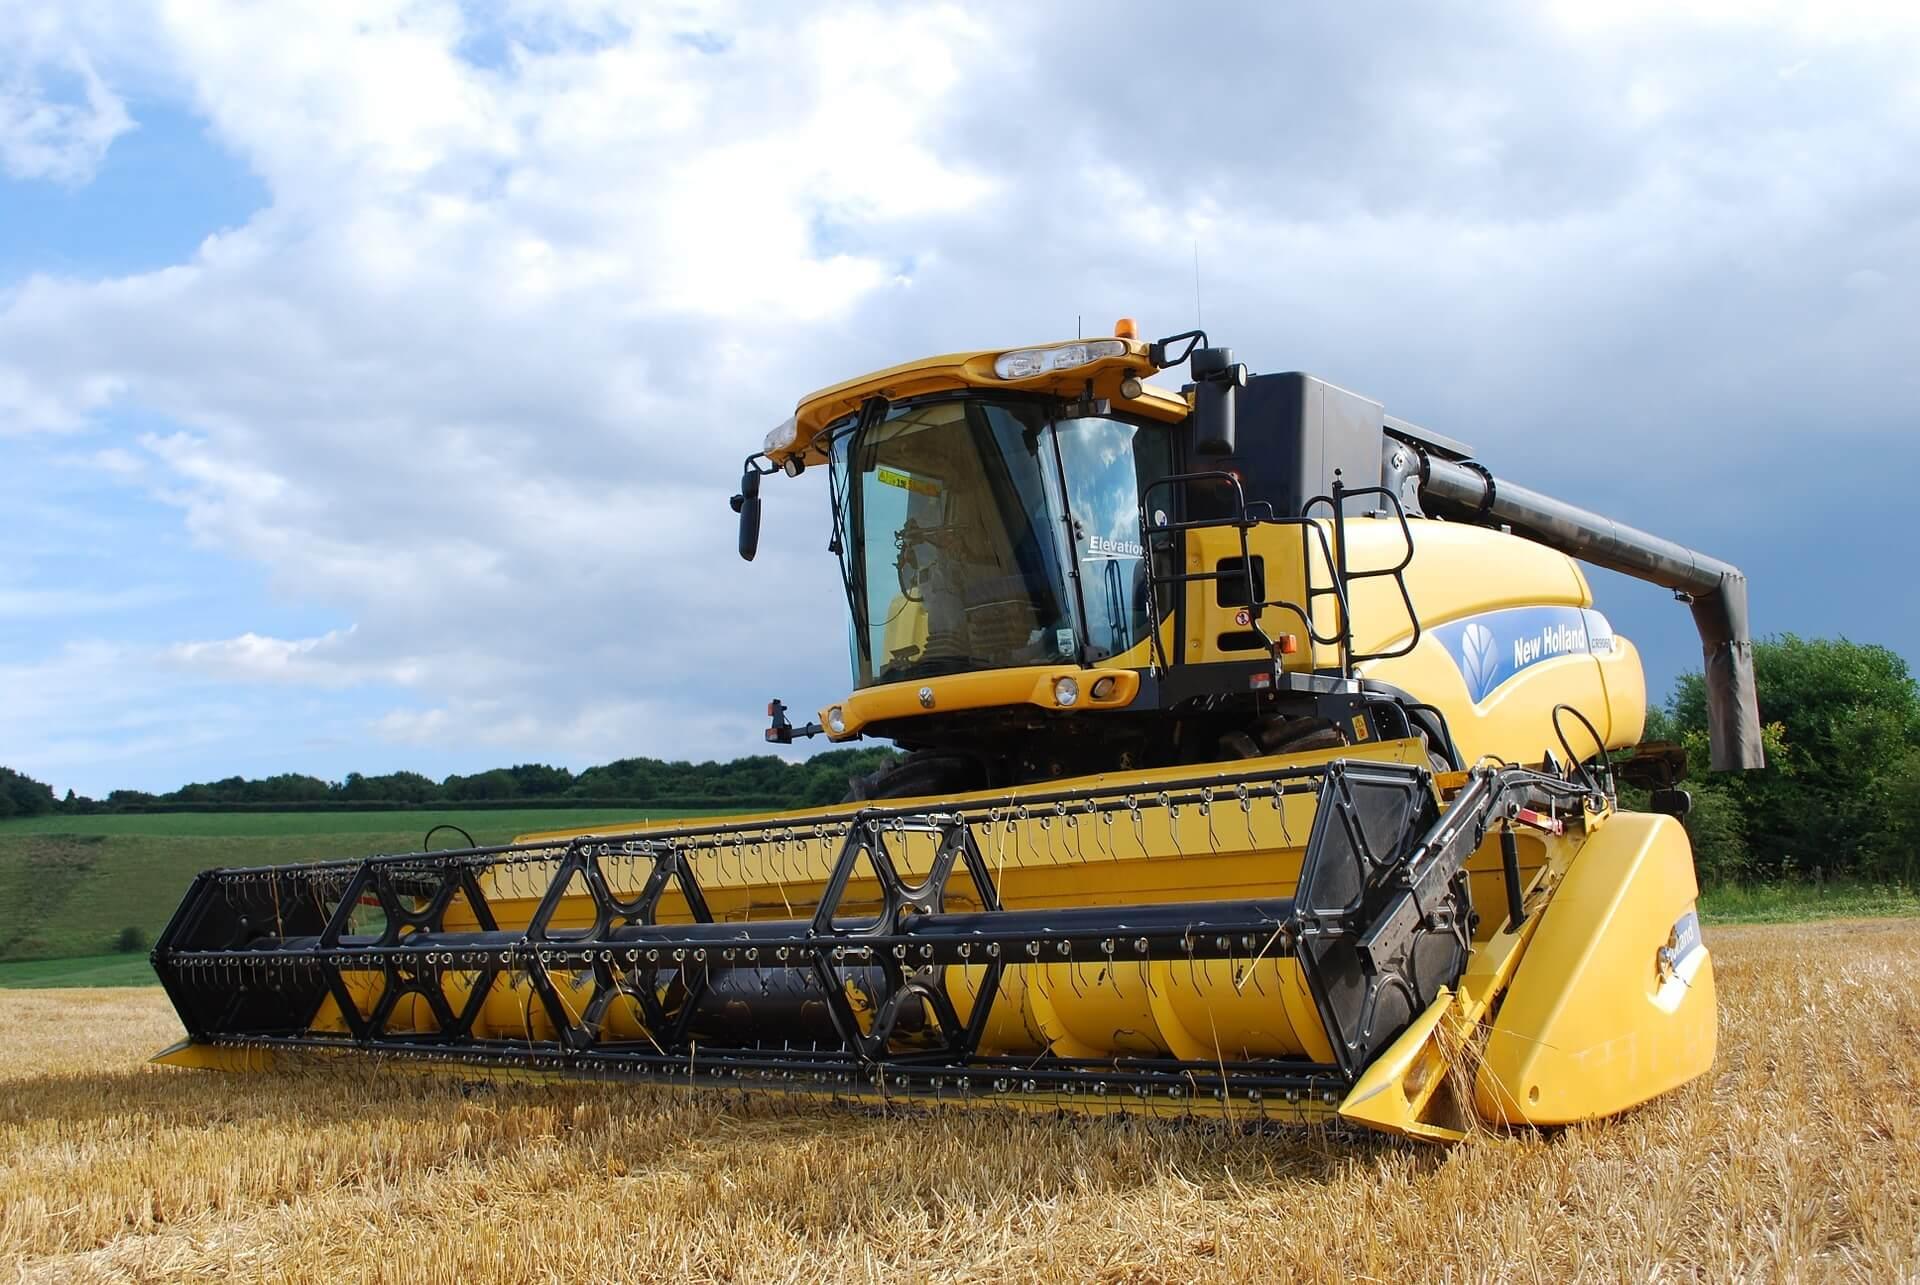 Implementos agrícolas: o que são e a sua importância